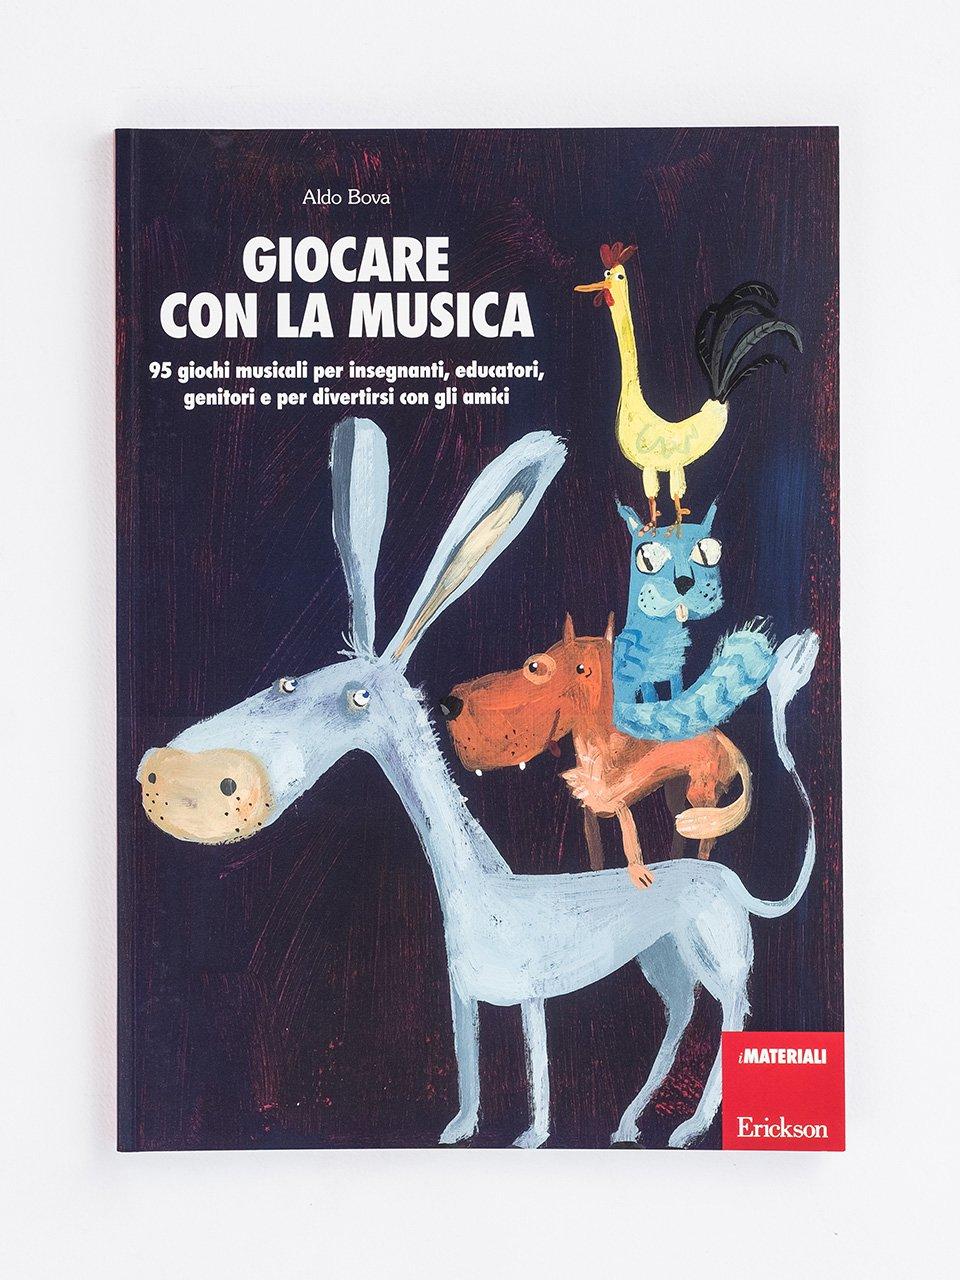 Giocare con la musica - Musicalità e pratiche inclusive - Libri - Erickson